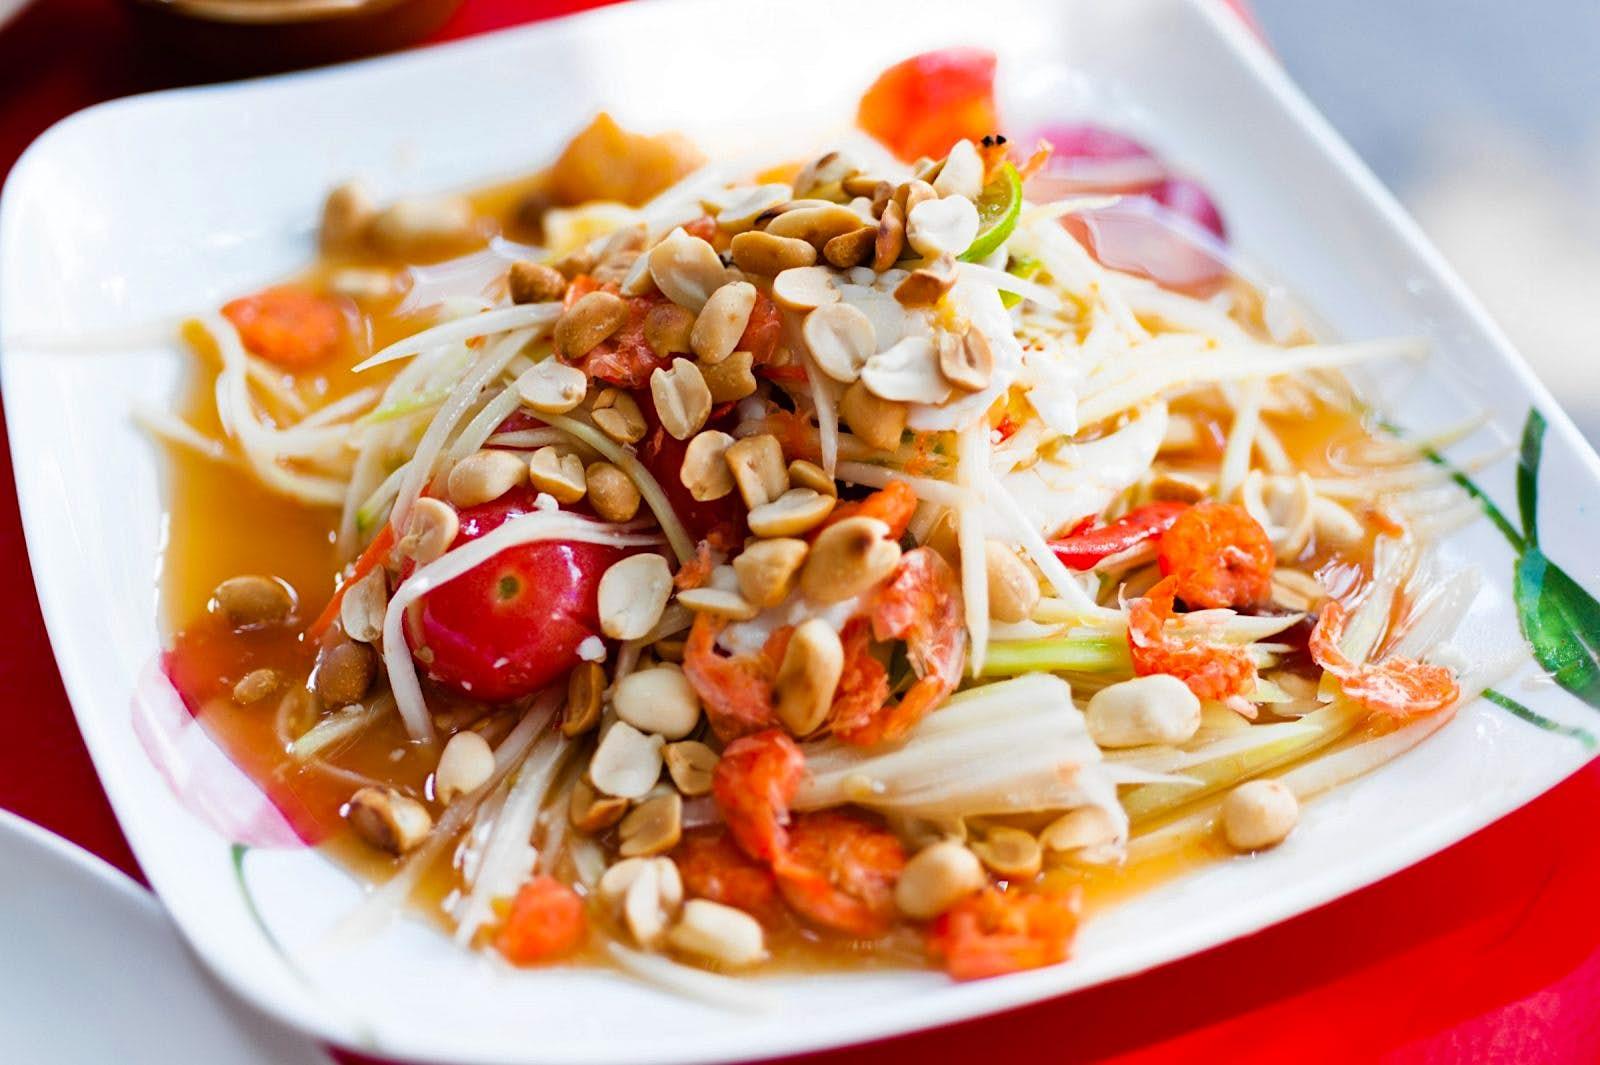 واحدة من أشهر المأكولات التايلاندية في بانكوك